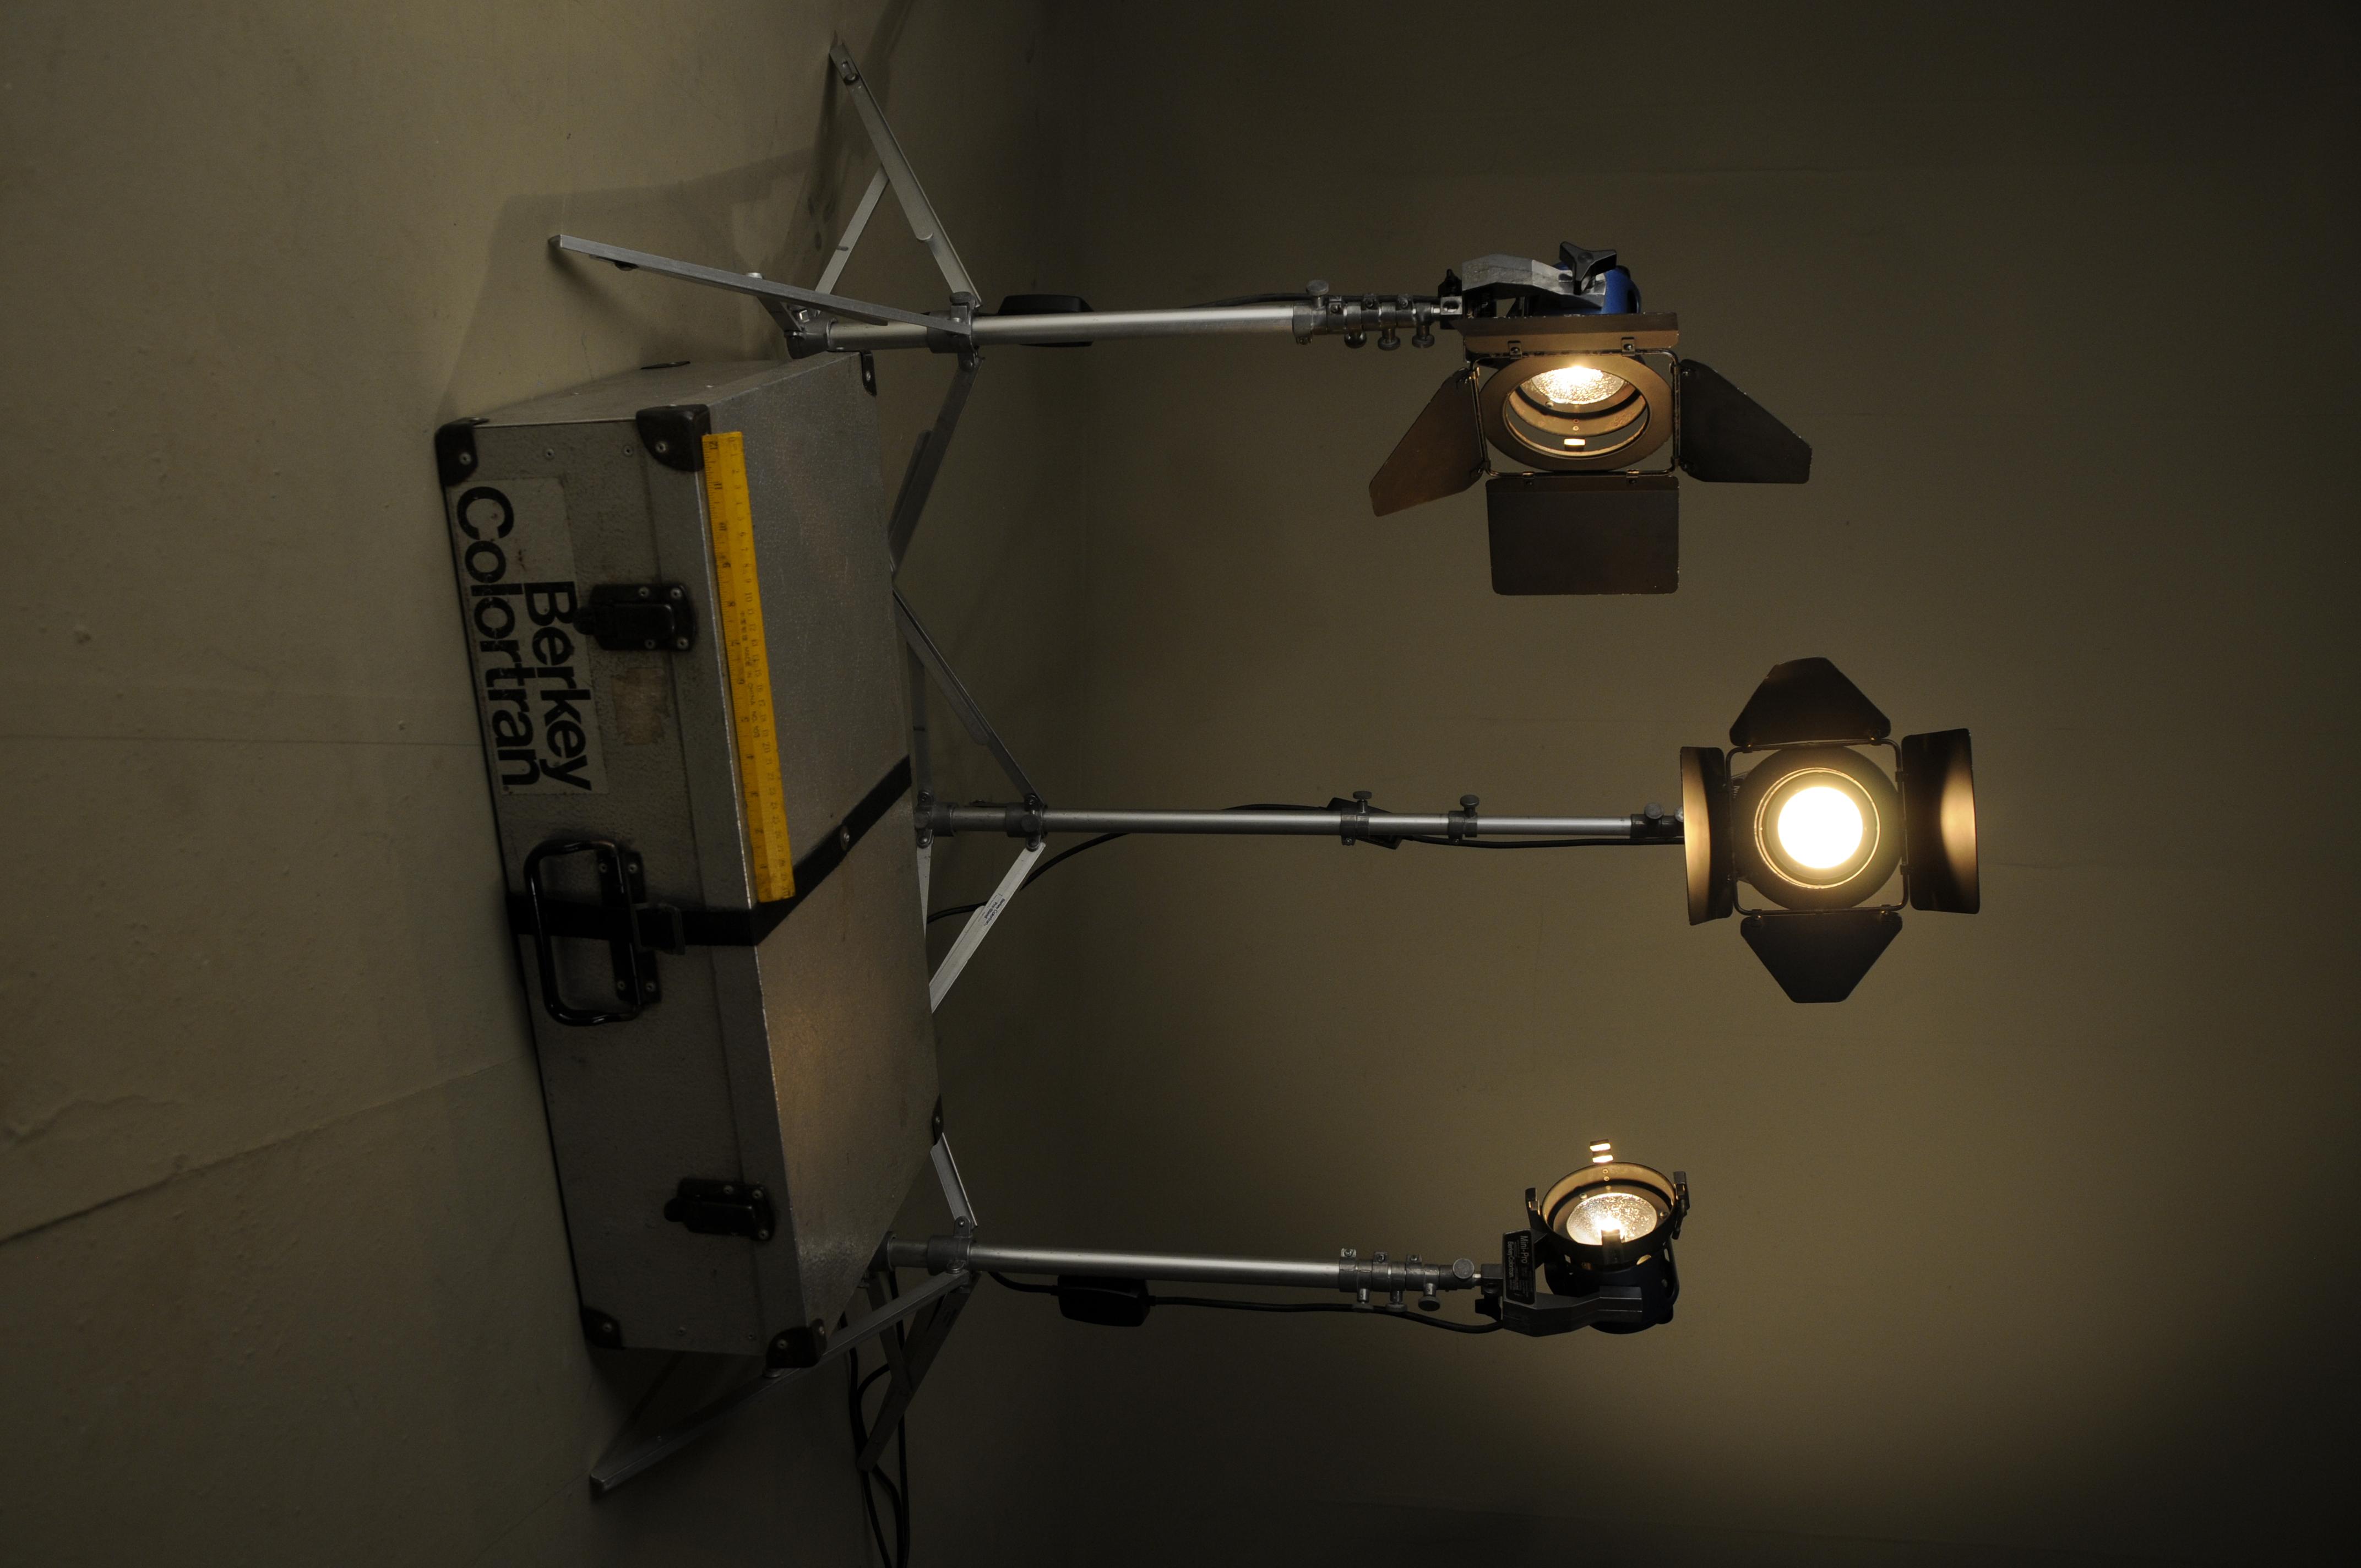 Berkey Colortran Film Lights Mini Pro(27